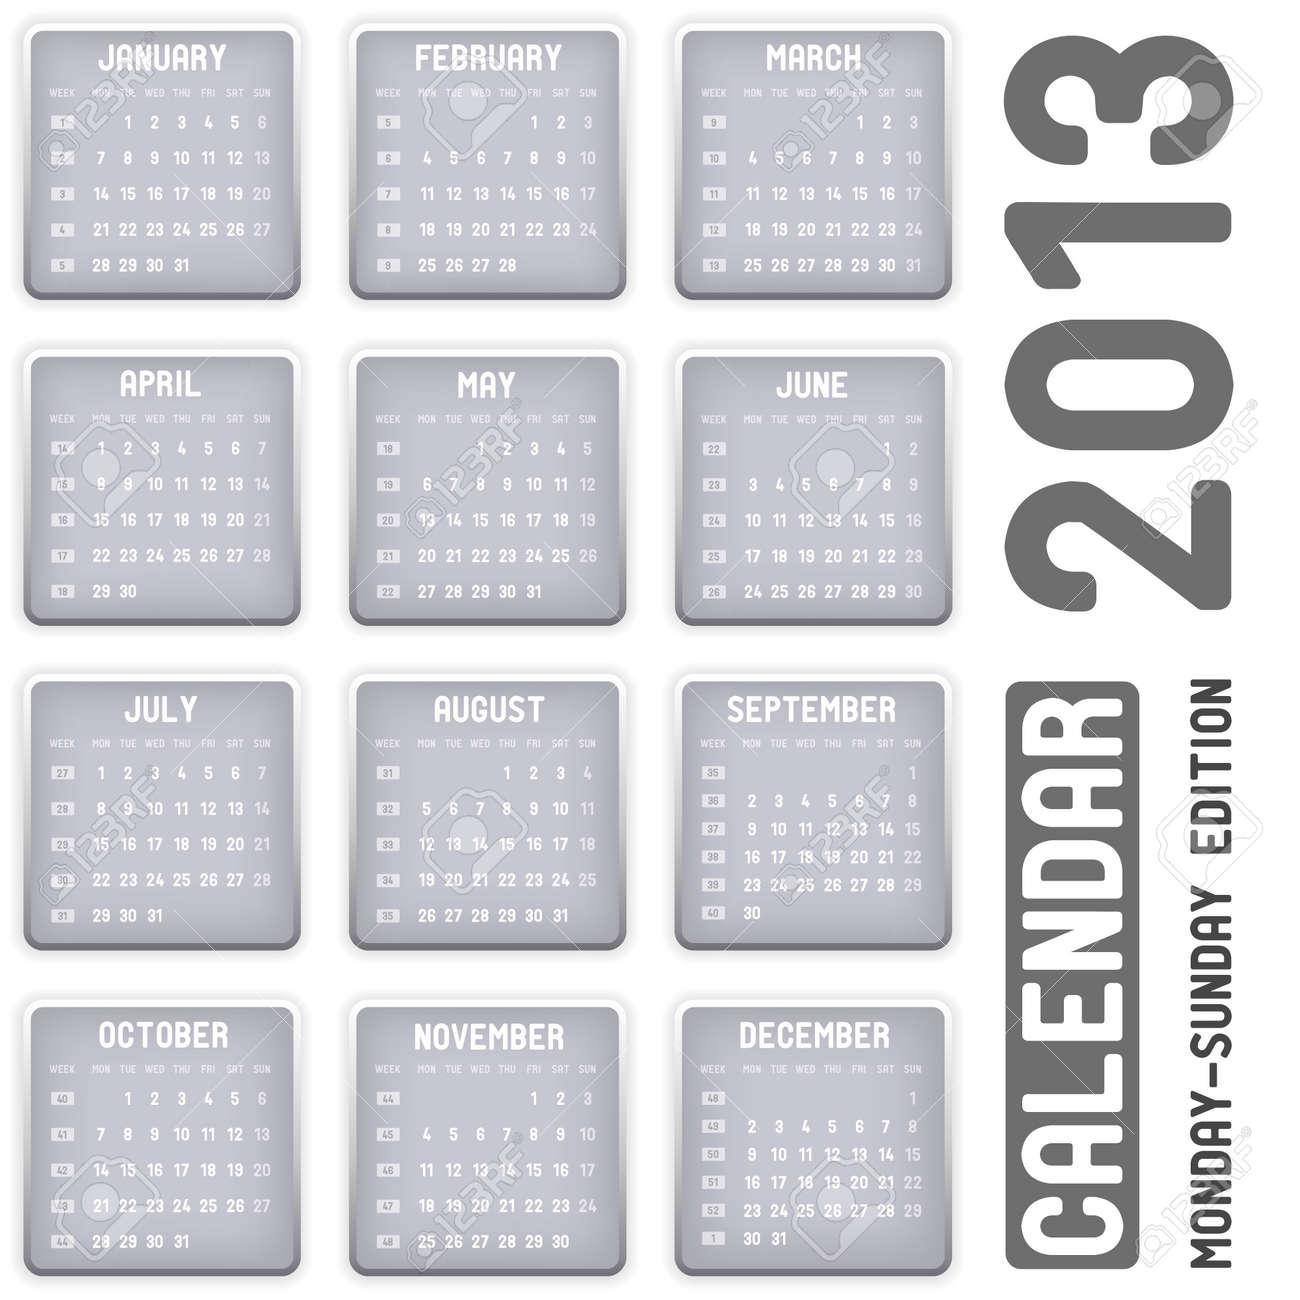 calendar 2013 - Monday-Sunday edition Stock Vector - 15615033